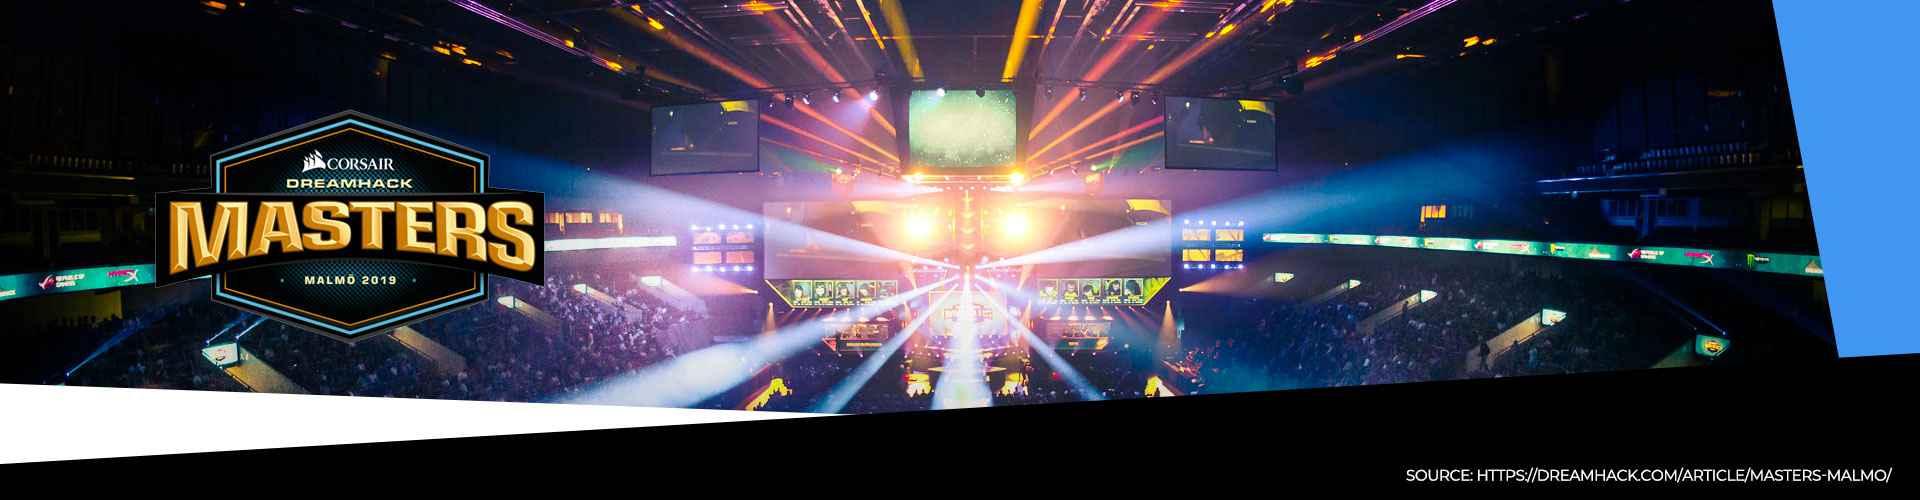 Eventsida för DreamHack Masters som anordnas i Malmö.